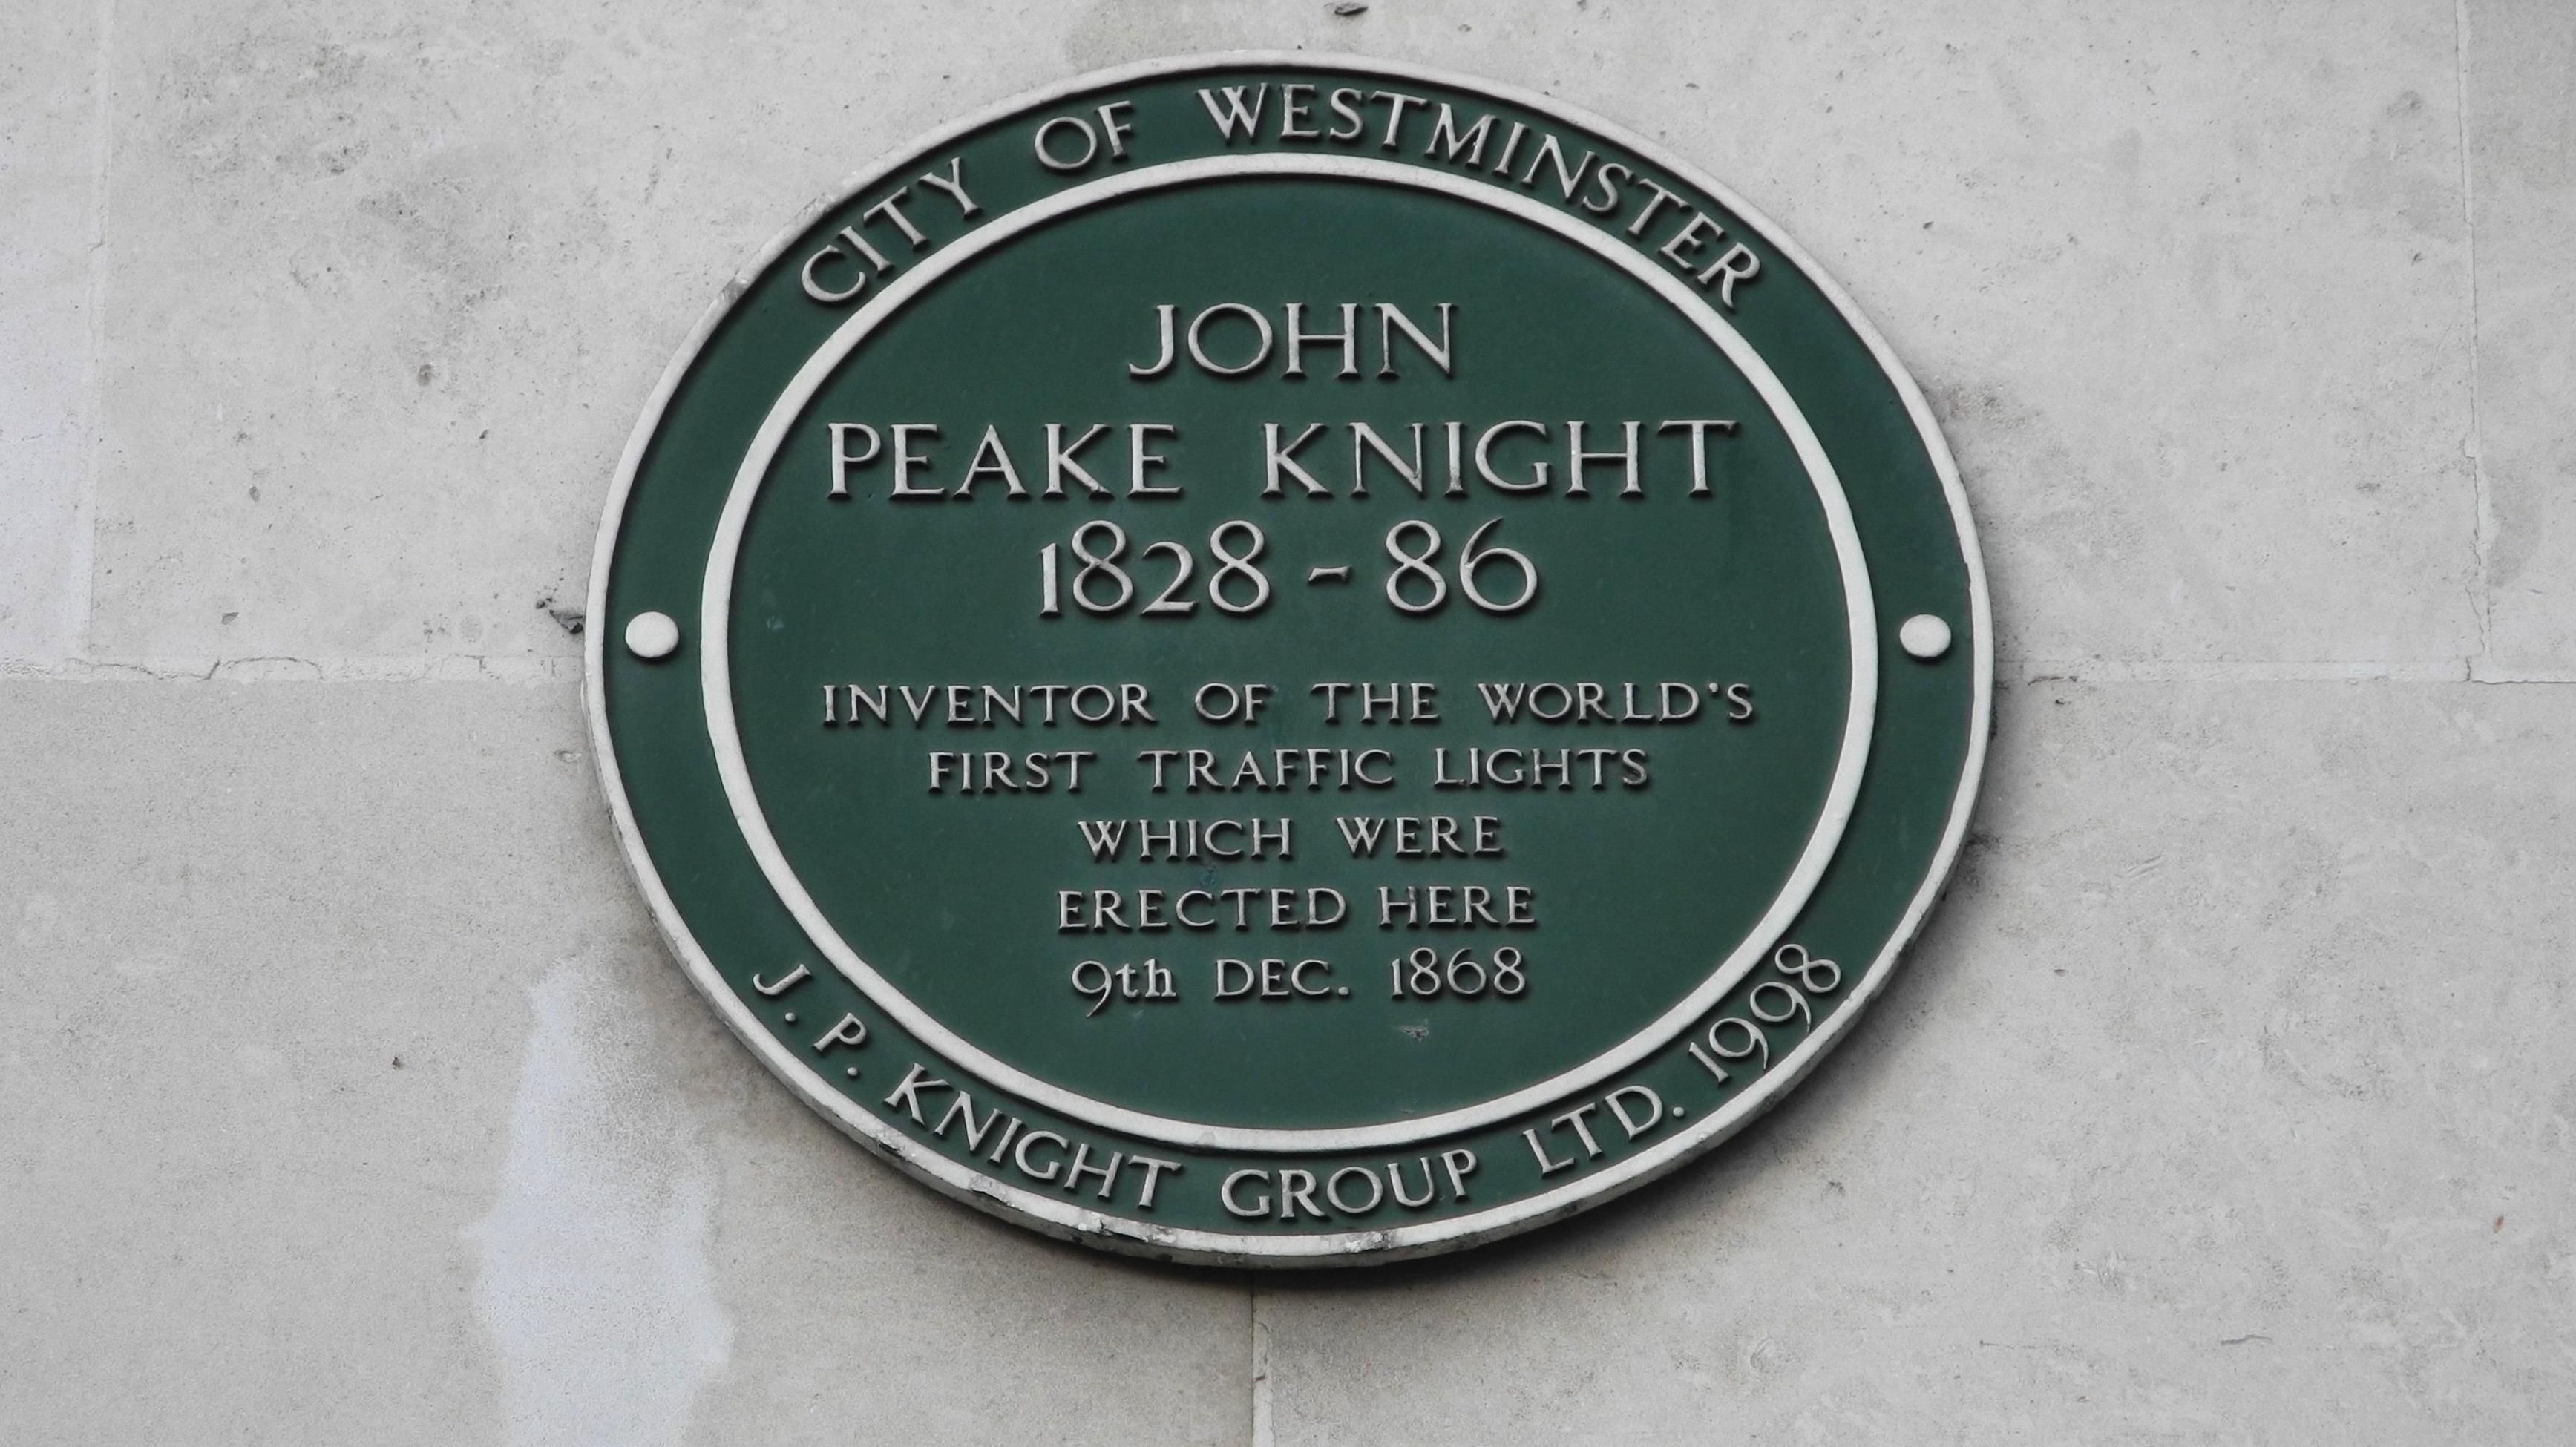 Diese grüne Plakette erinnert in London an das Aufstellen der ersten Ampel der Welt am 9. Dezember 1868.